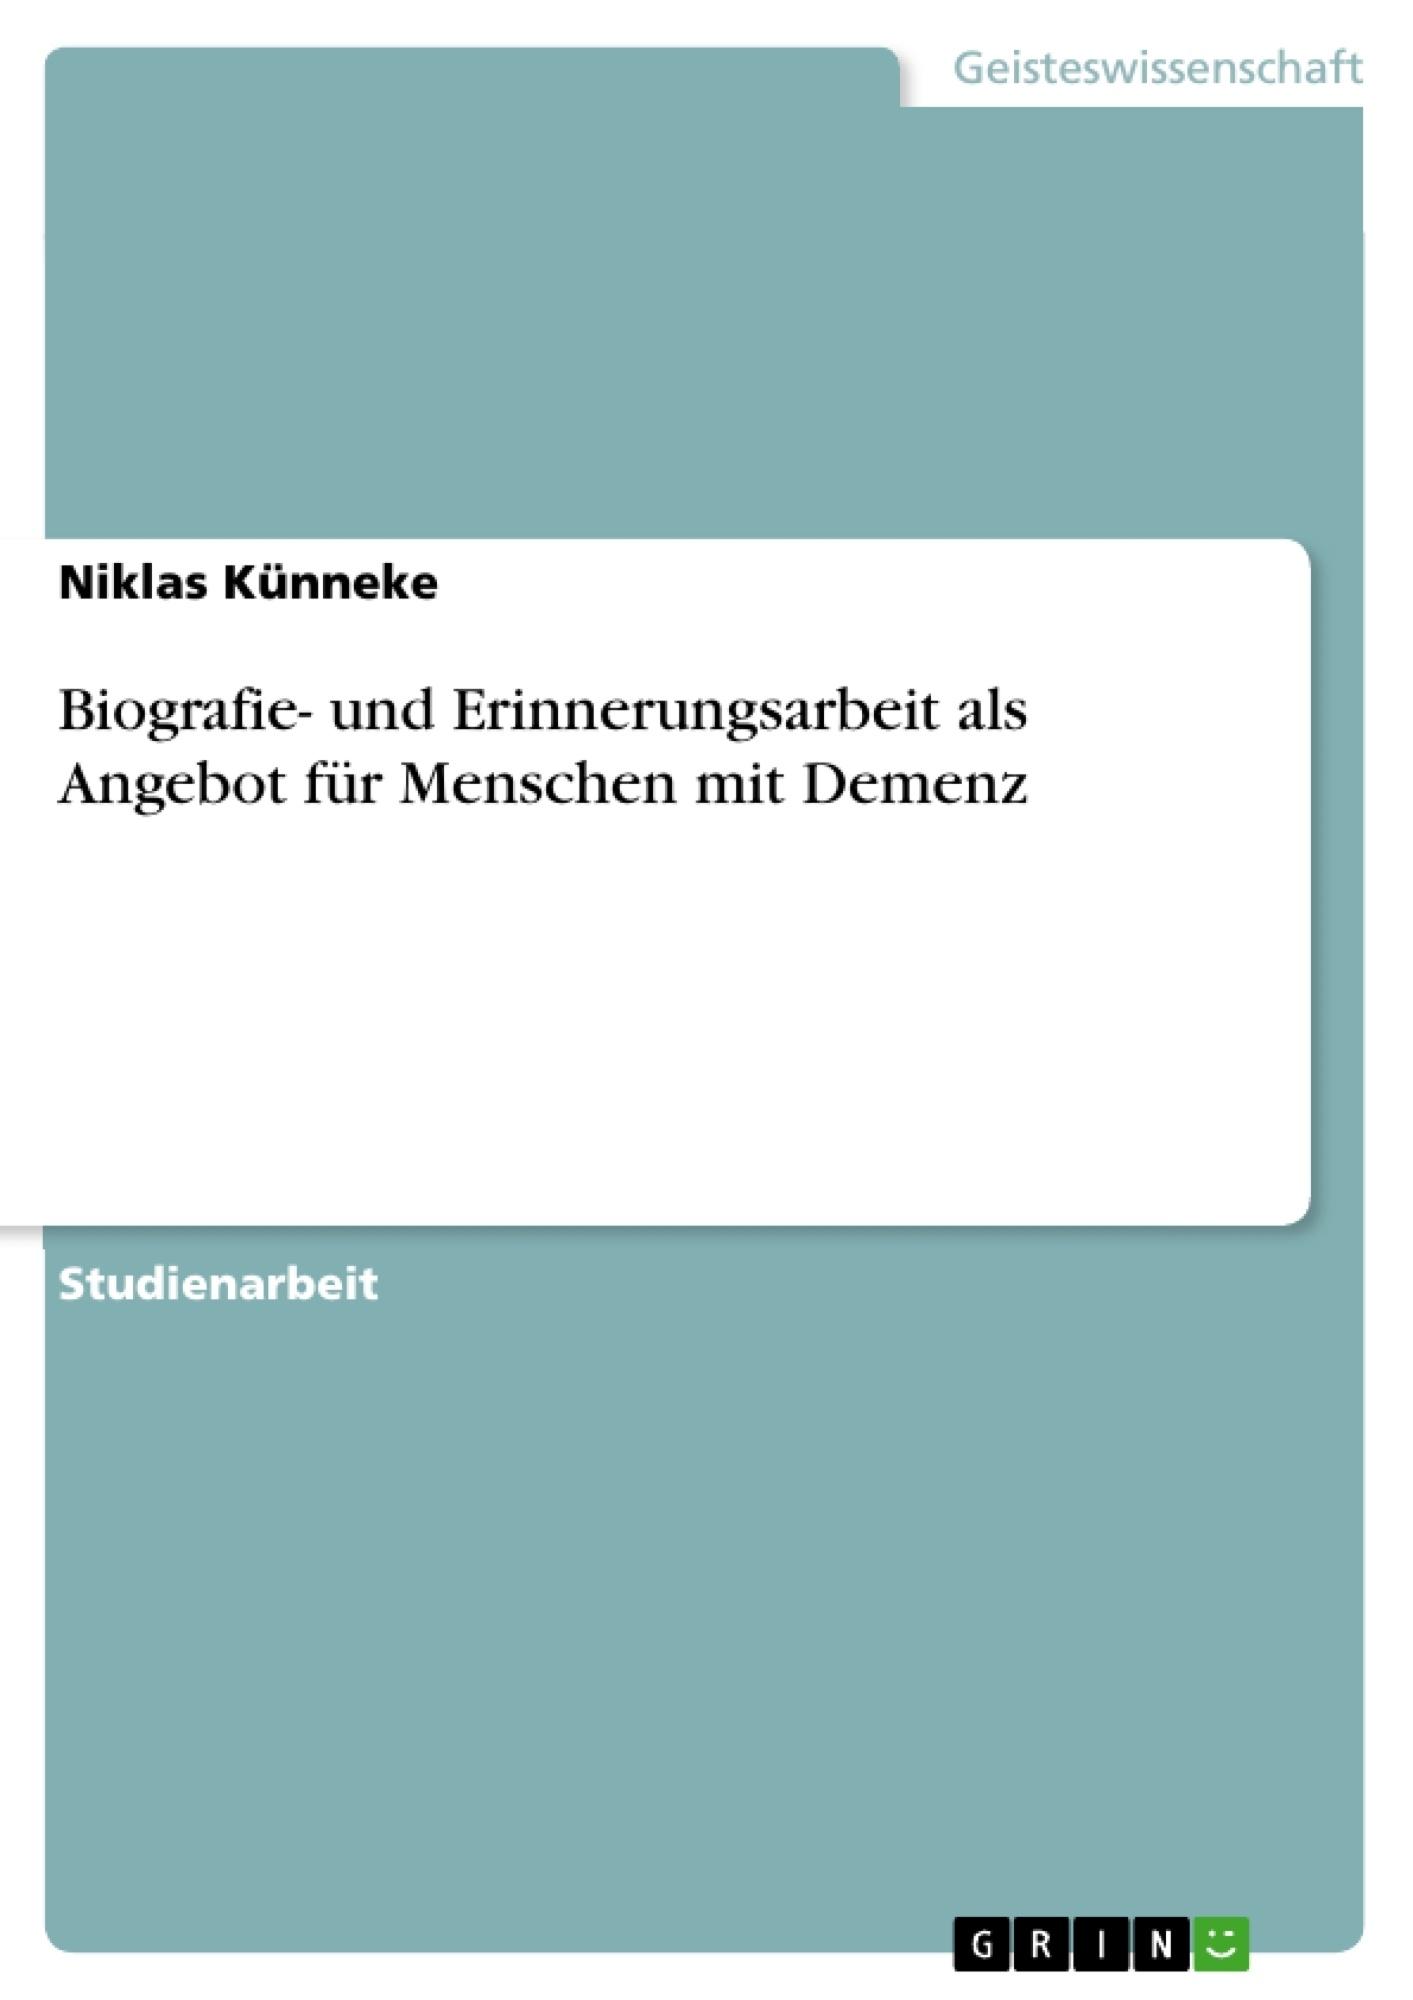 Titel: Biografie- und Erinnerungsarbeit als Angebot für Menschen mit Demenz